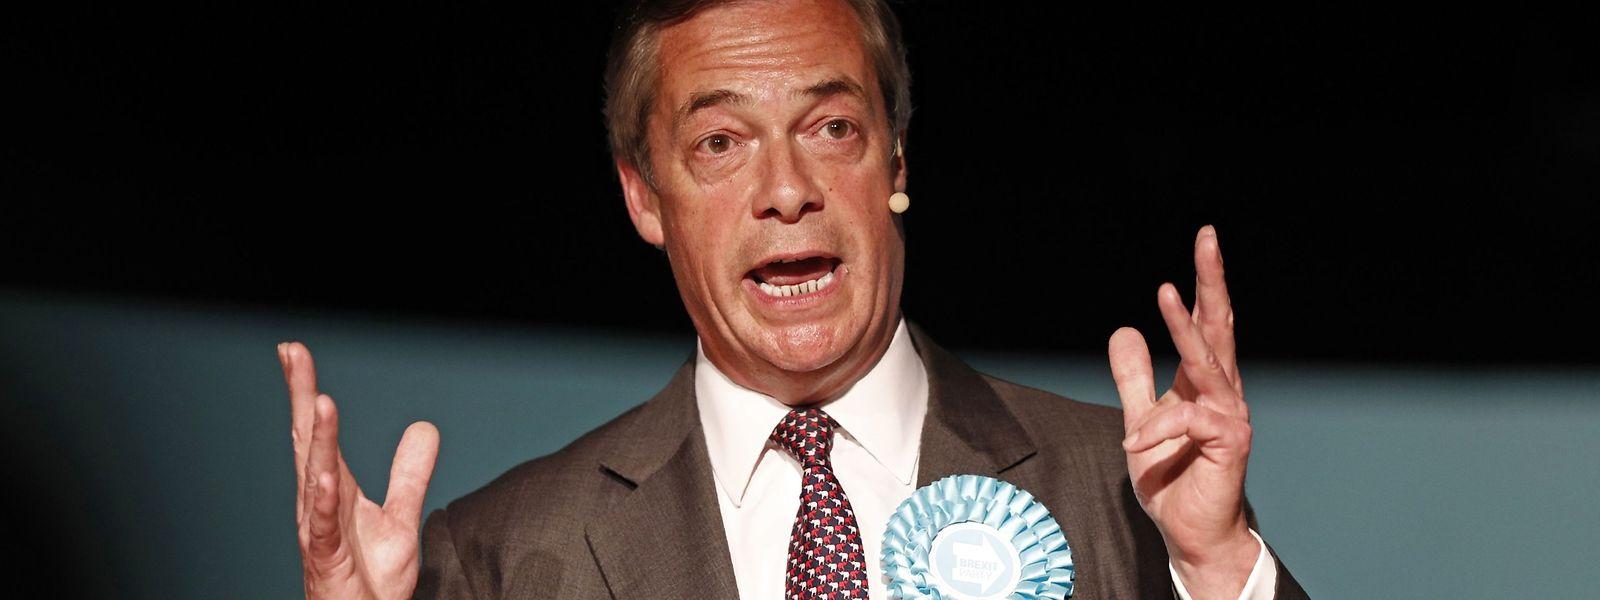 Favorit ist die neu gegründete Brexit-Partei, die auf die sofortige Umsetzung des EU-Austritts pocht. An ihrer Spitze poltert Nigel Farage, der bekannteste Rechtspopulist im Land.